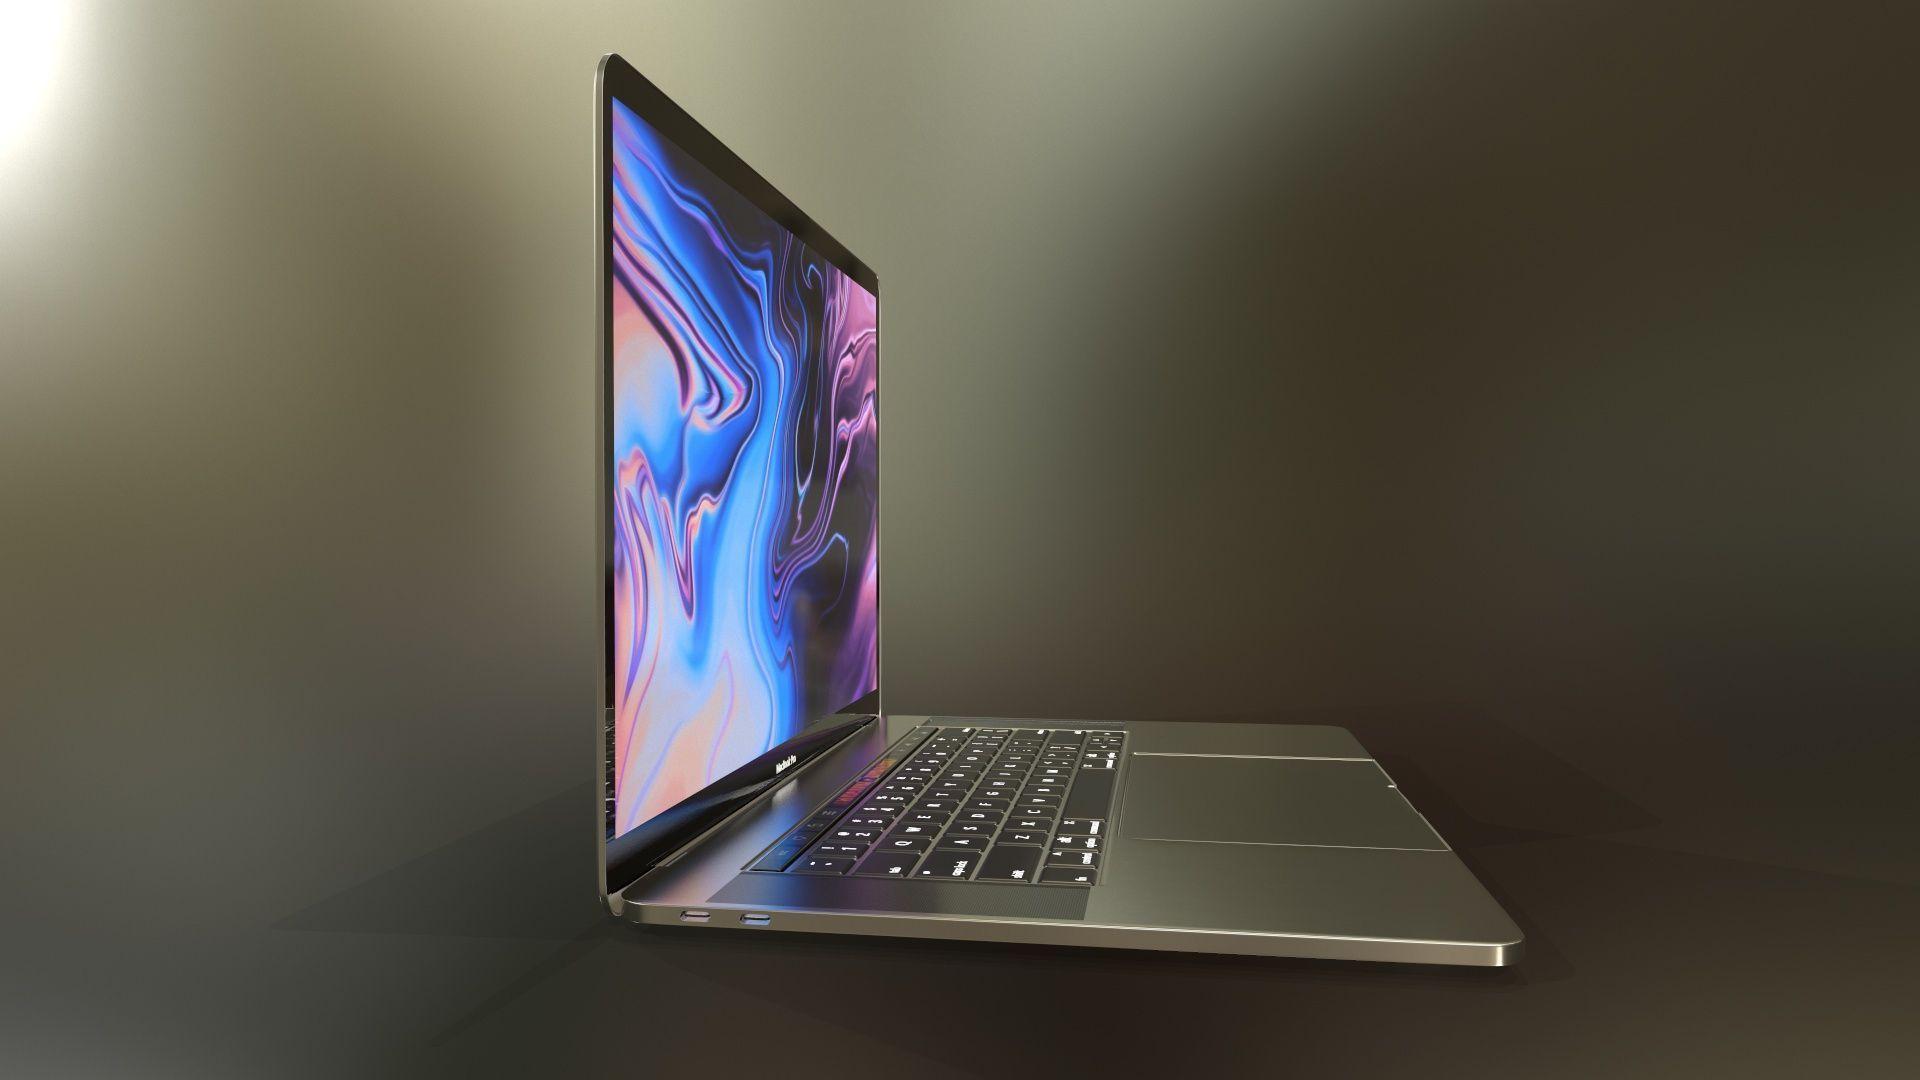 Pin By Macbook Pro Wallpaper Desktop On Macbook Pro Wallpaper Desktop Wallpapers In 2020 Macbook Pro Wallpaper Macbook Macbook Pro